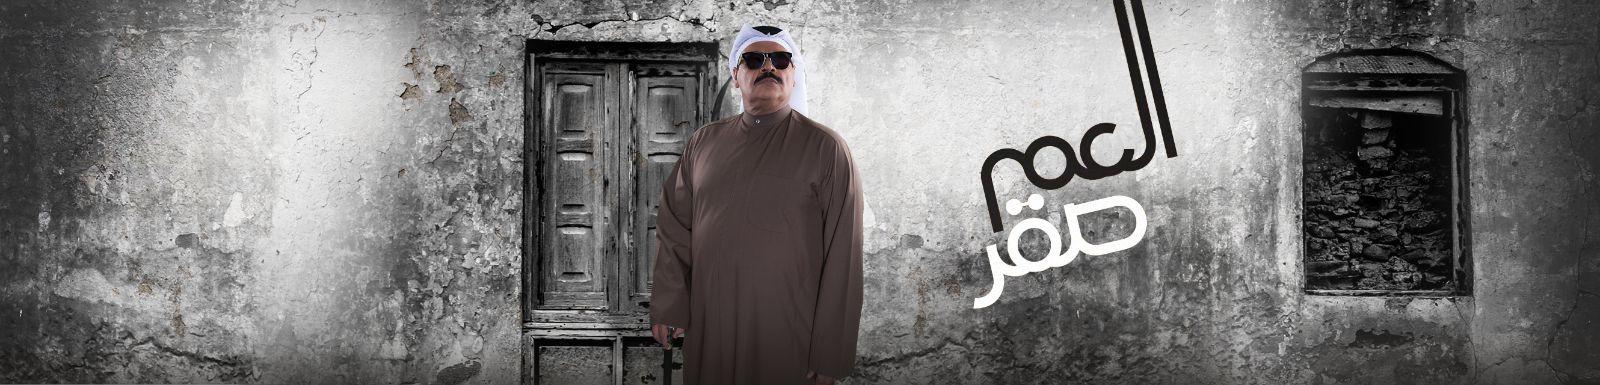 تحميل مسلسل العم صقر الحلقة 30 والاخيرة MBC shahid شاهد نت